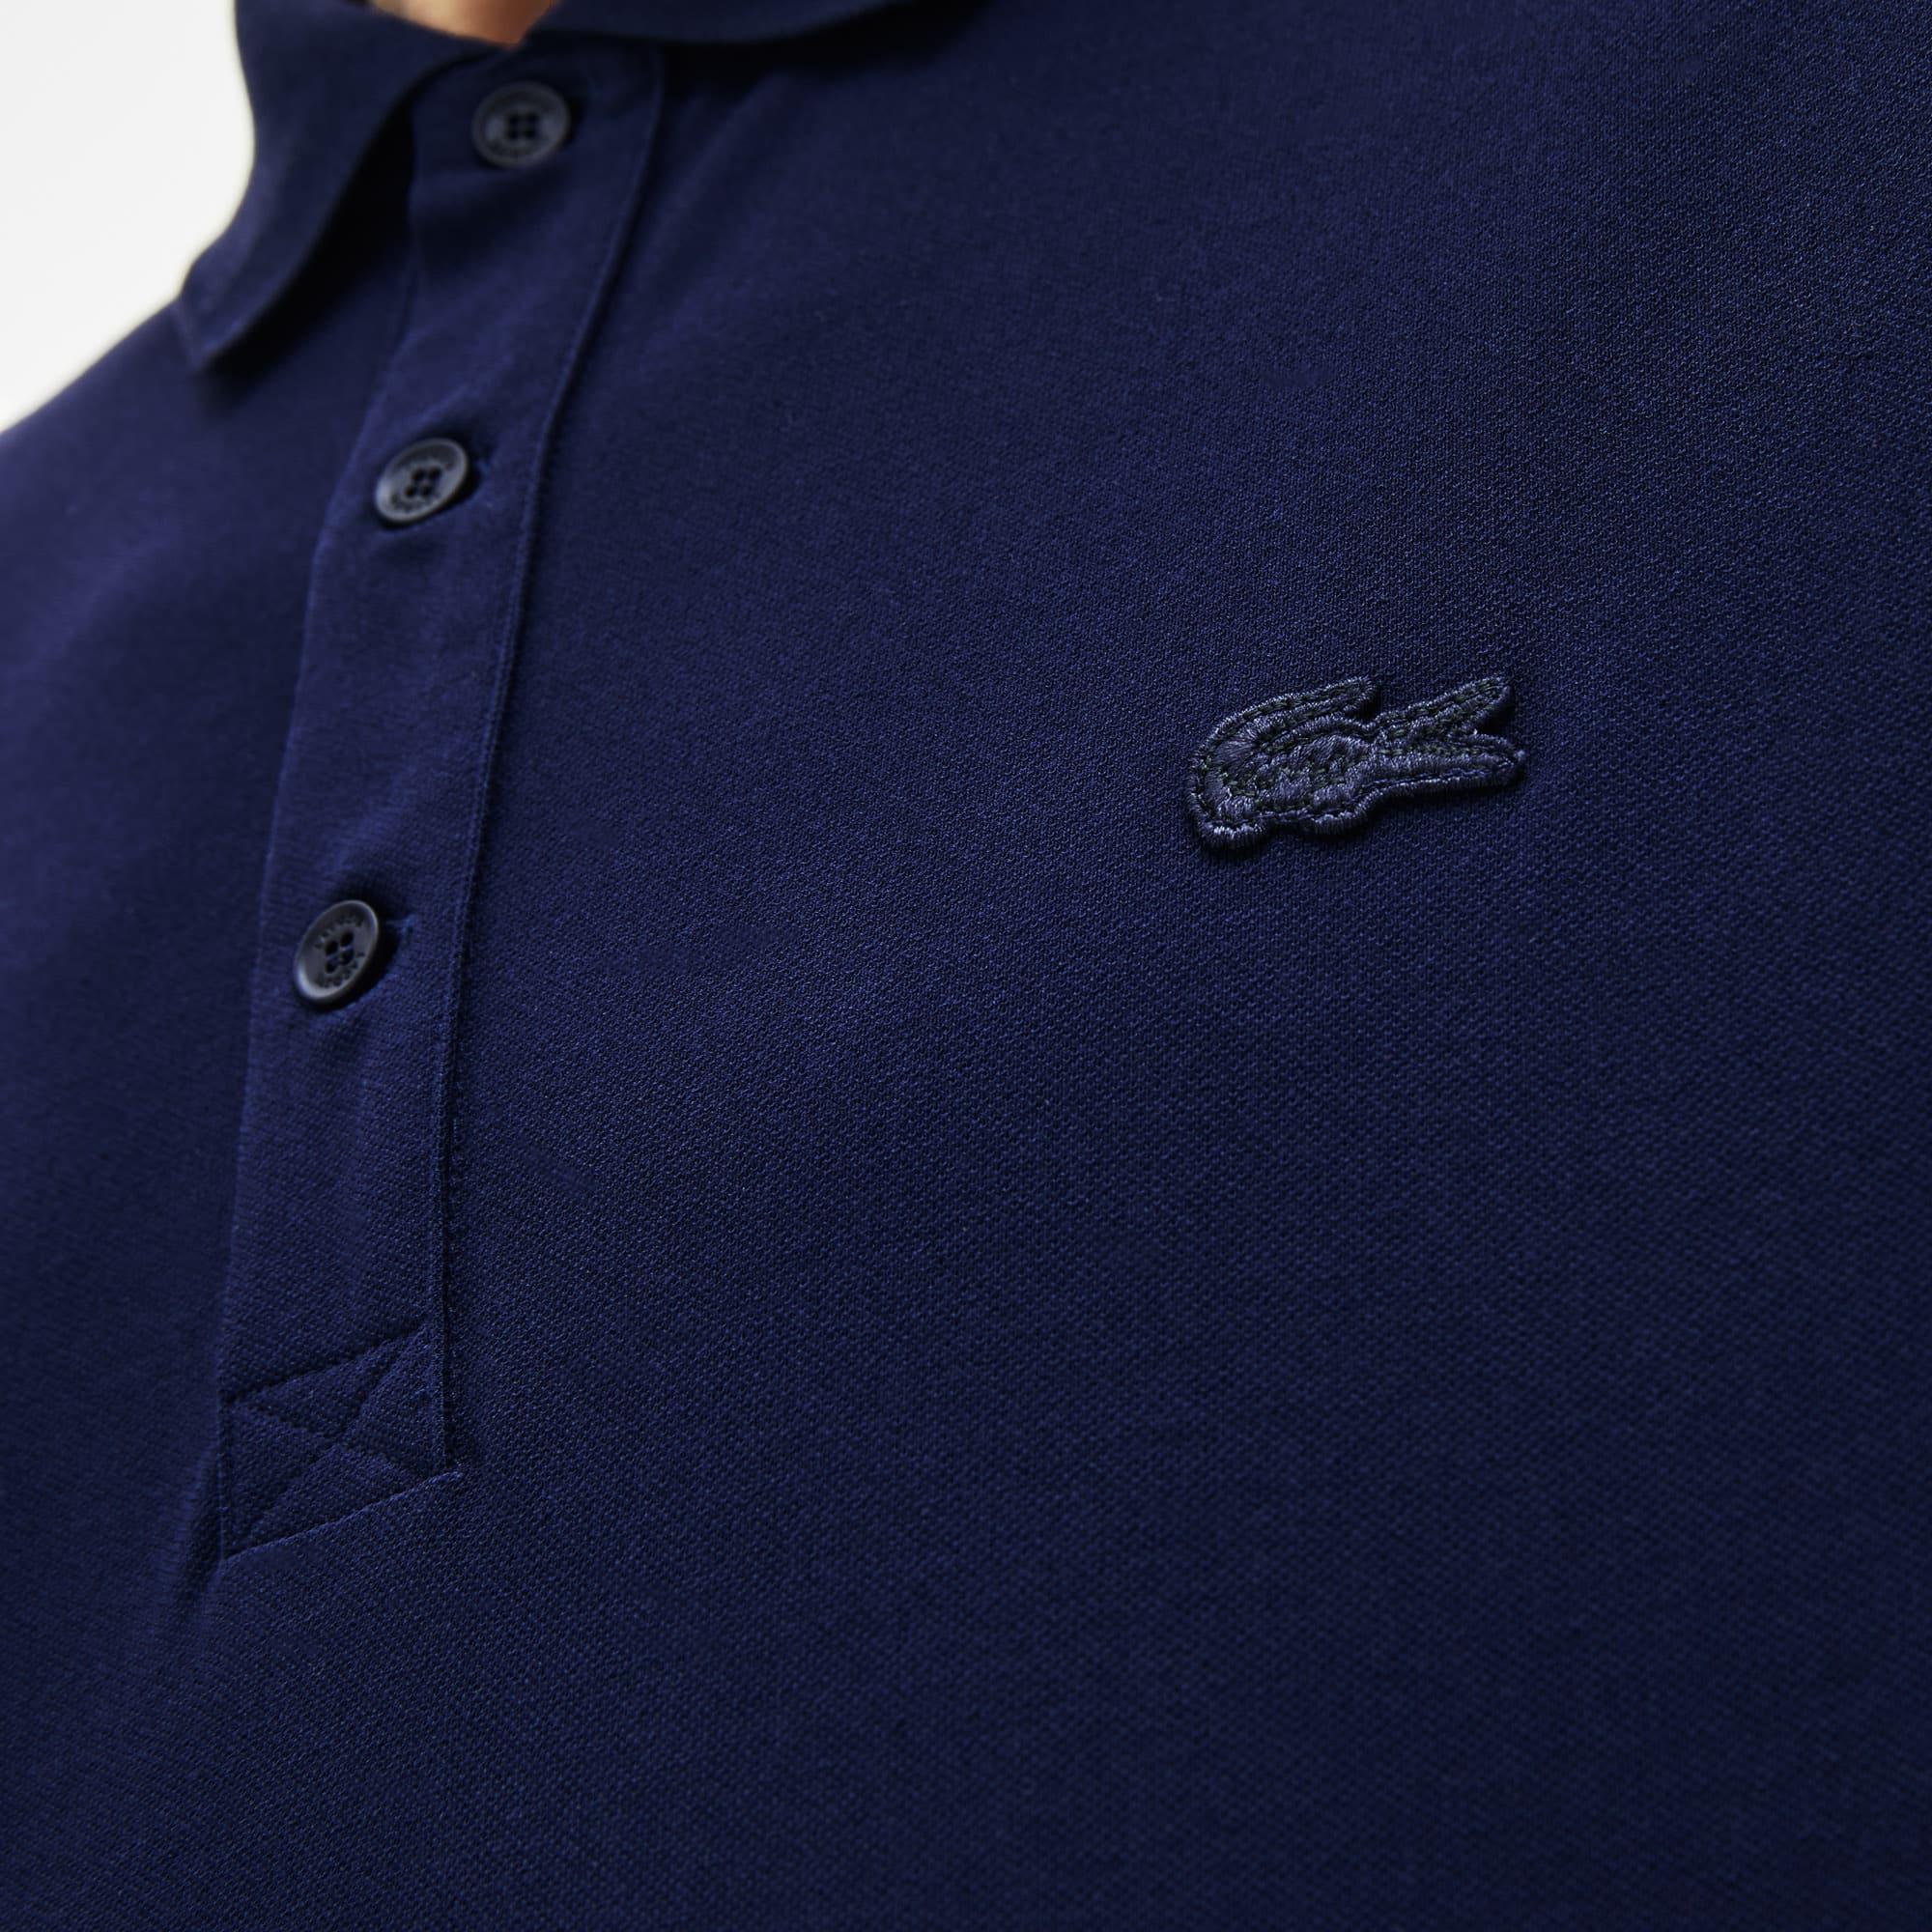 1a21626a Men's Lacoste Riviera L.12.12 Ultra Light Cotton Petit Piqué Polo Shirt